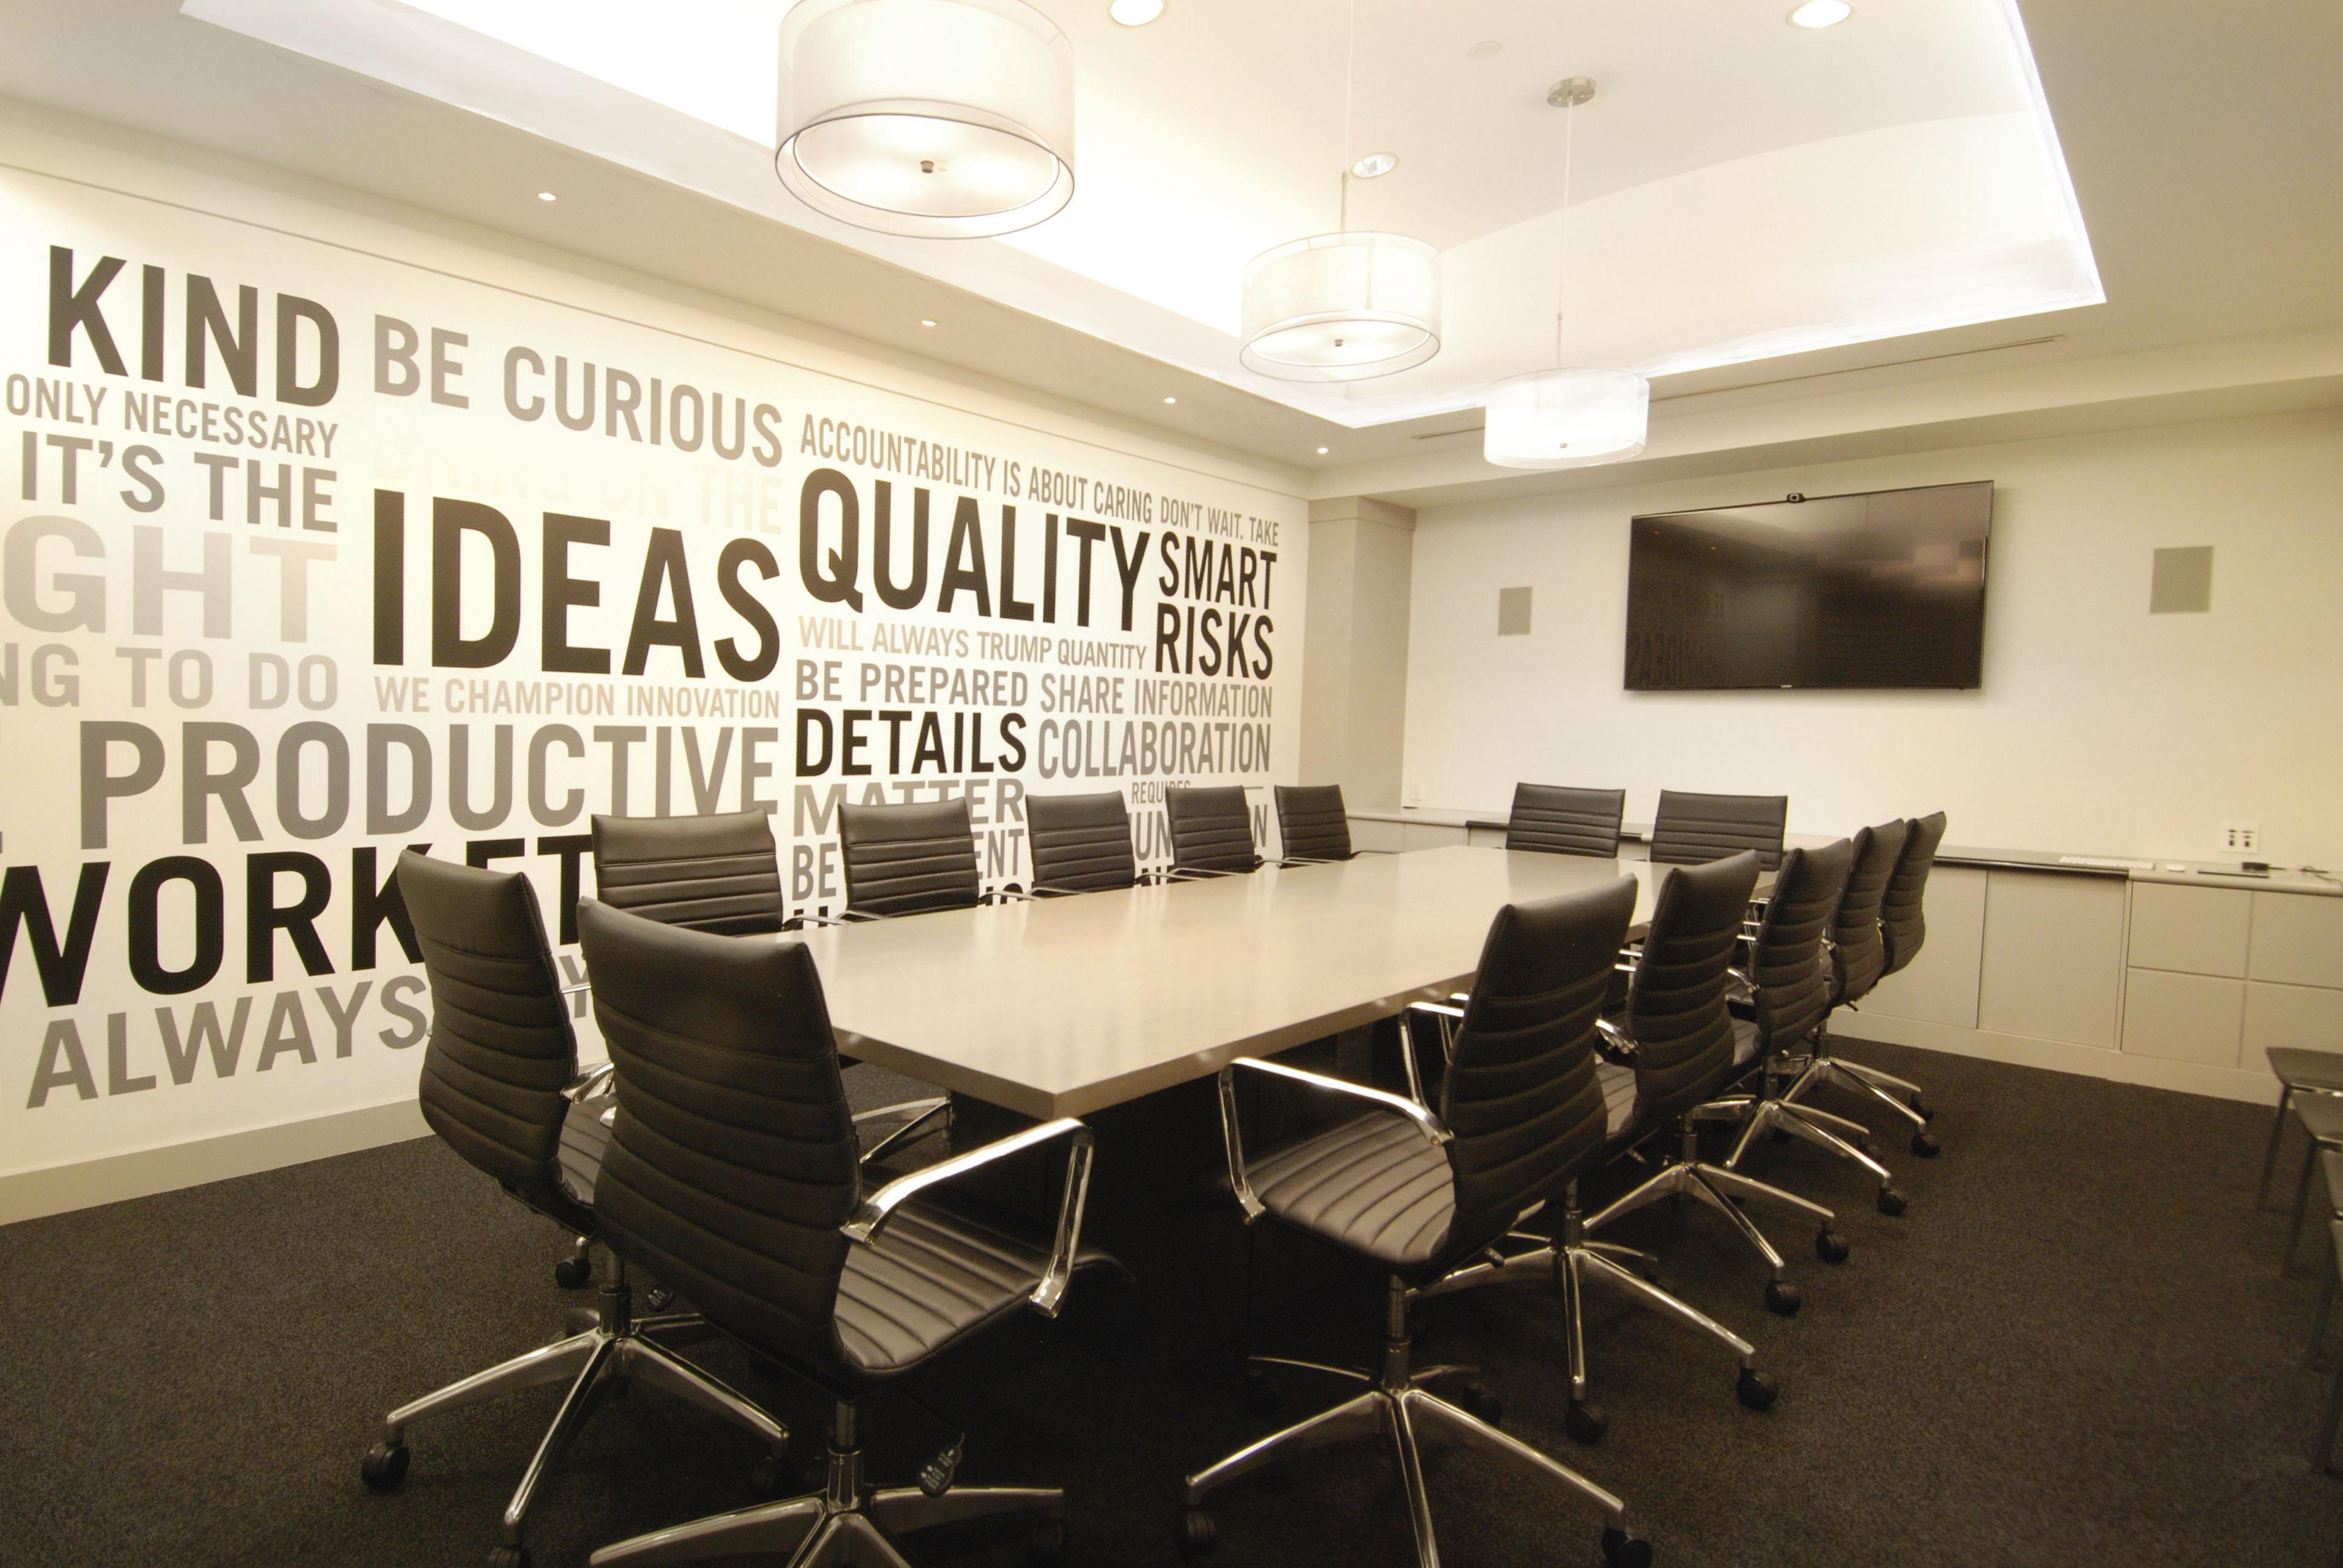 БИЗНЕС ИНКУБАТОР – КЪРДЖАЛИ предоставя под наем напълно оборудвани конферентни зали